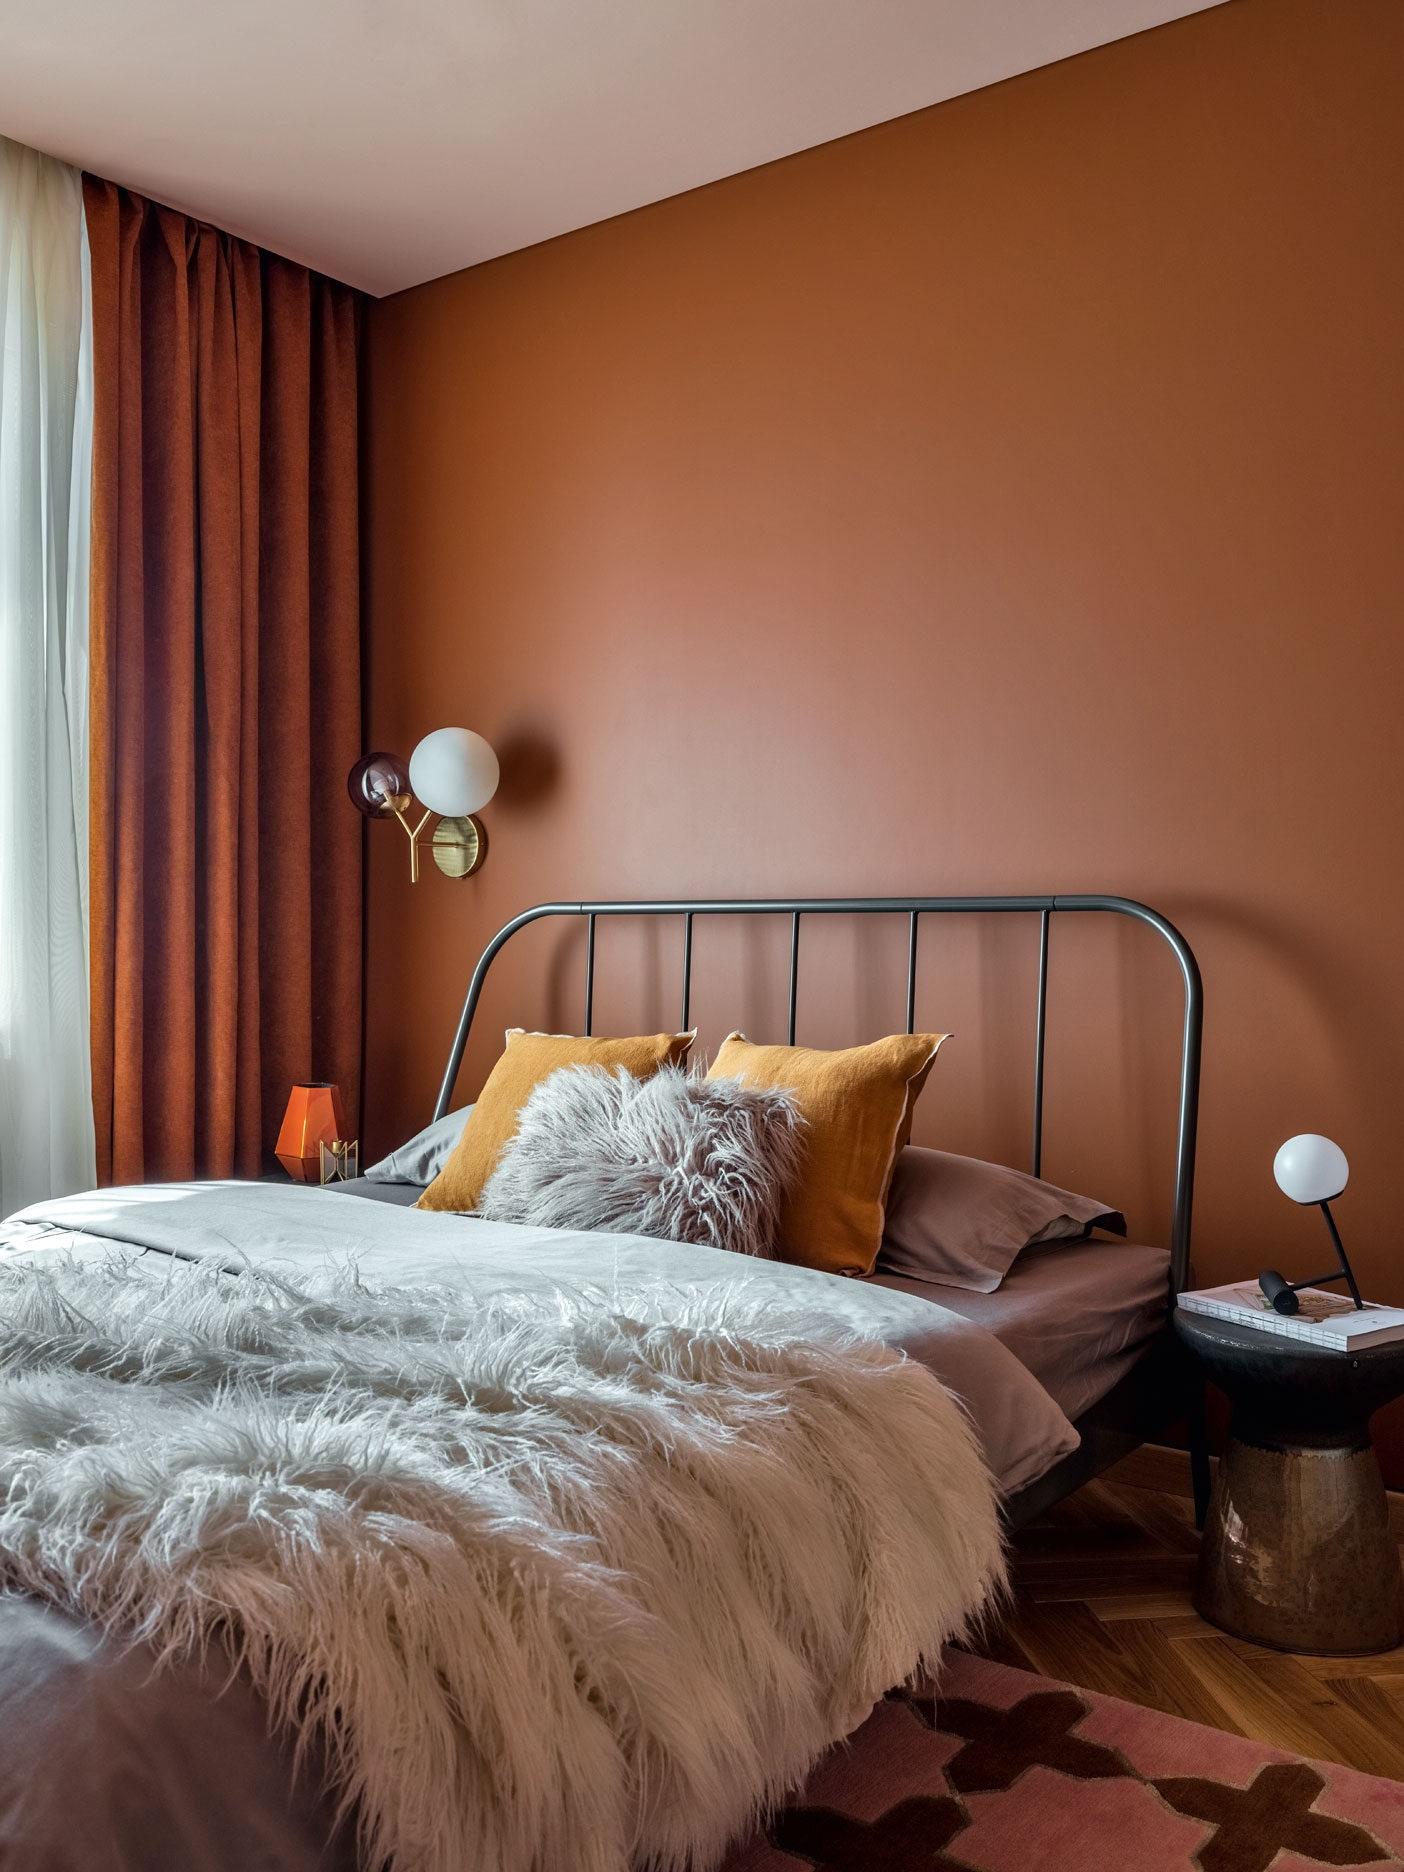 . .  IKEA     Barcelona Design       Designboom  MarkPatlisStudio.   .